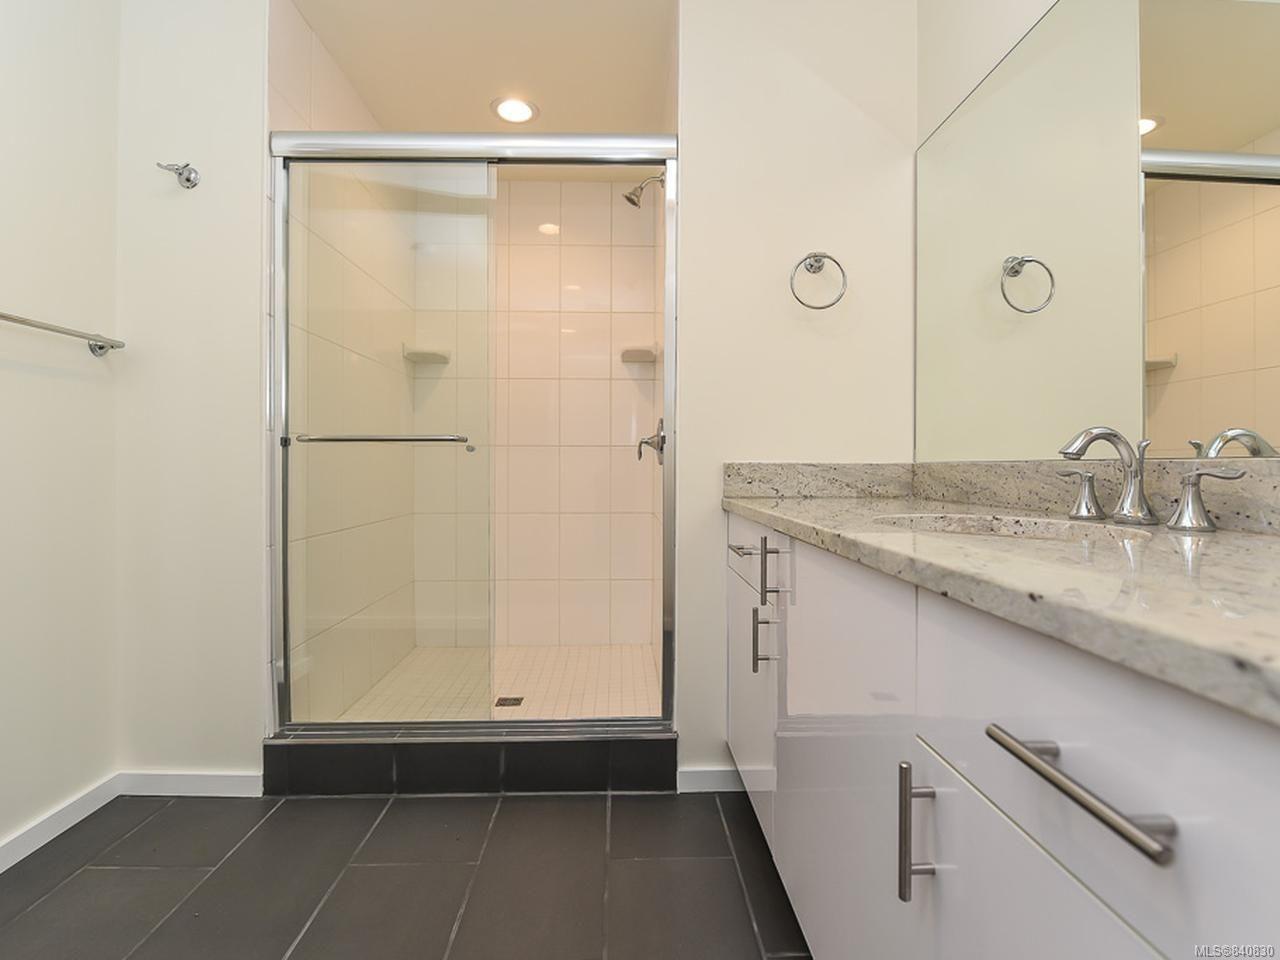 Photo 40: Photos: 1156 Moore Rd in COMOX: CV Comox Peninsula House for sale (Comox Valley)  : MLS®# 840830